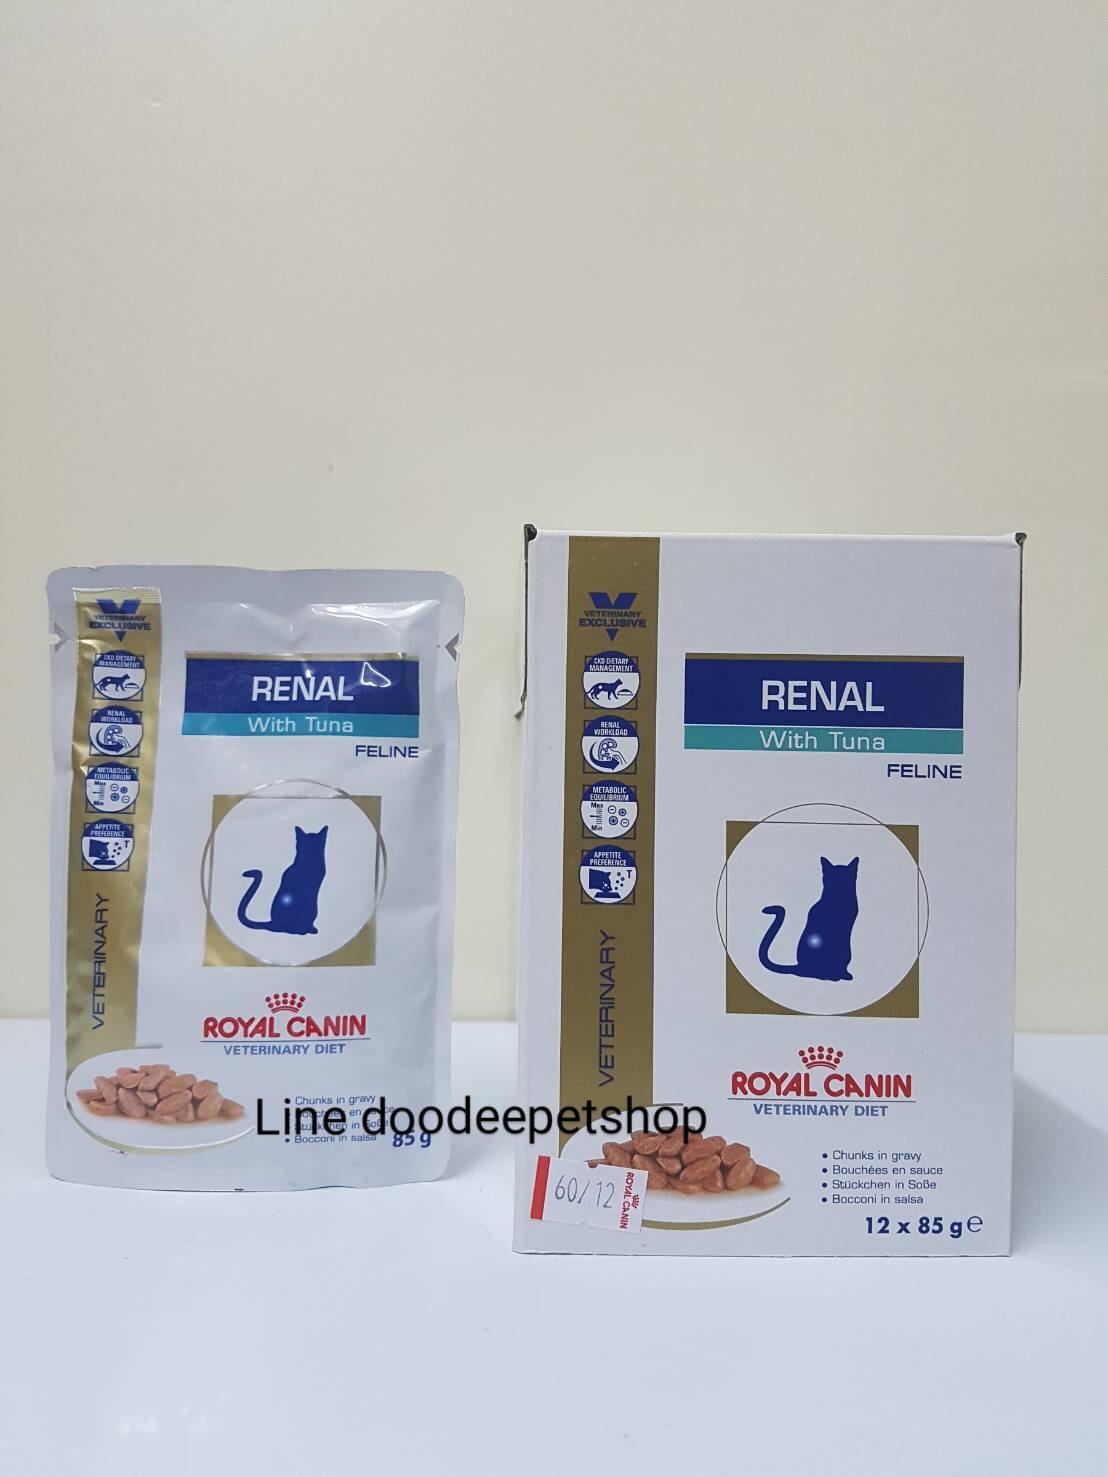 Renal pouch แมวโรคไตยกกล่อง Exp.01/20